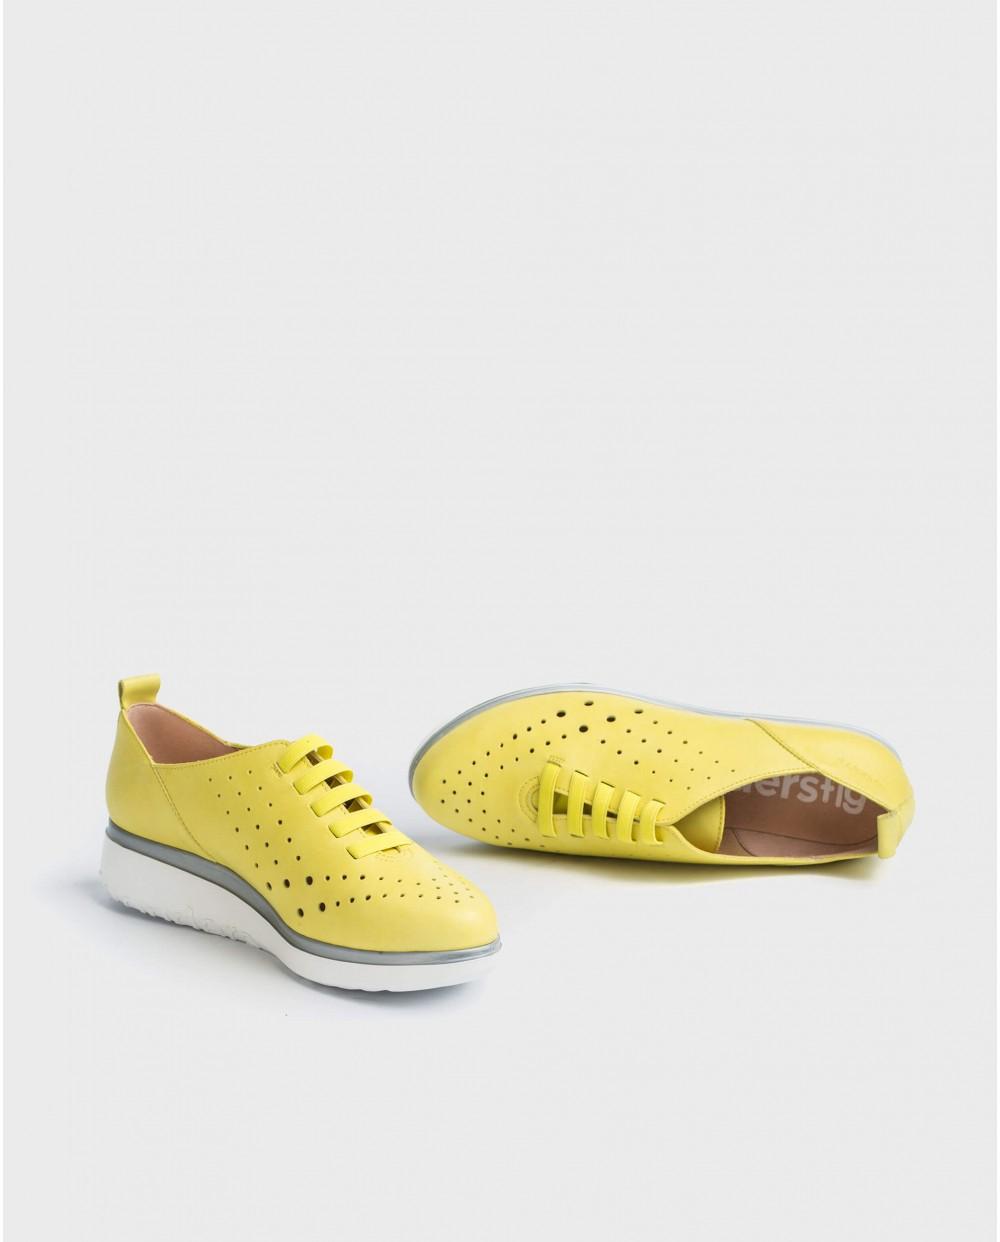 Wonders-Sneakers-Leather sneakers with elastic detail